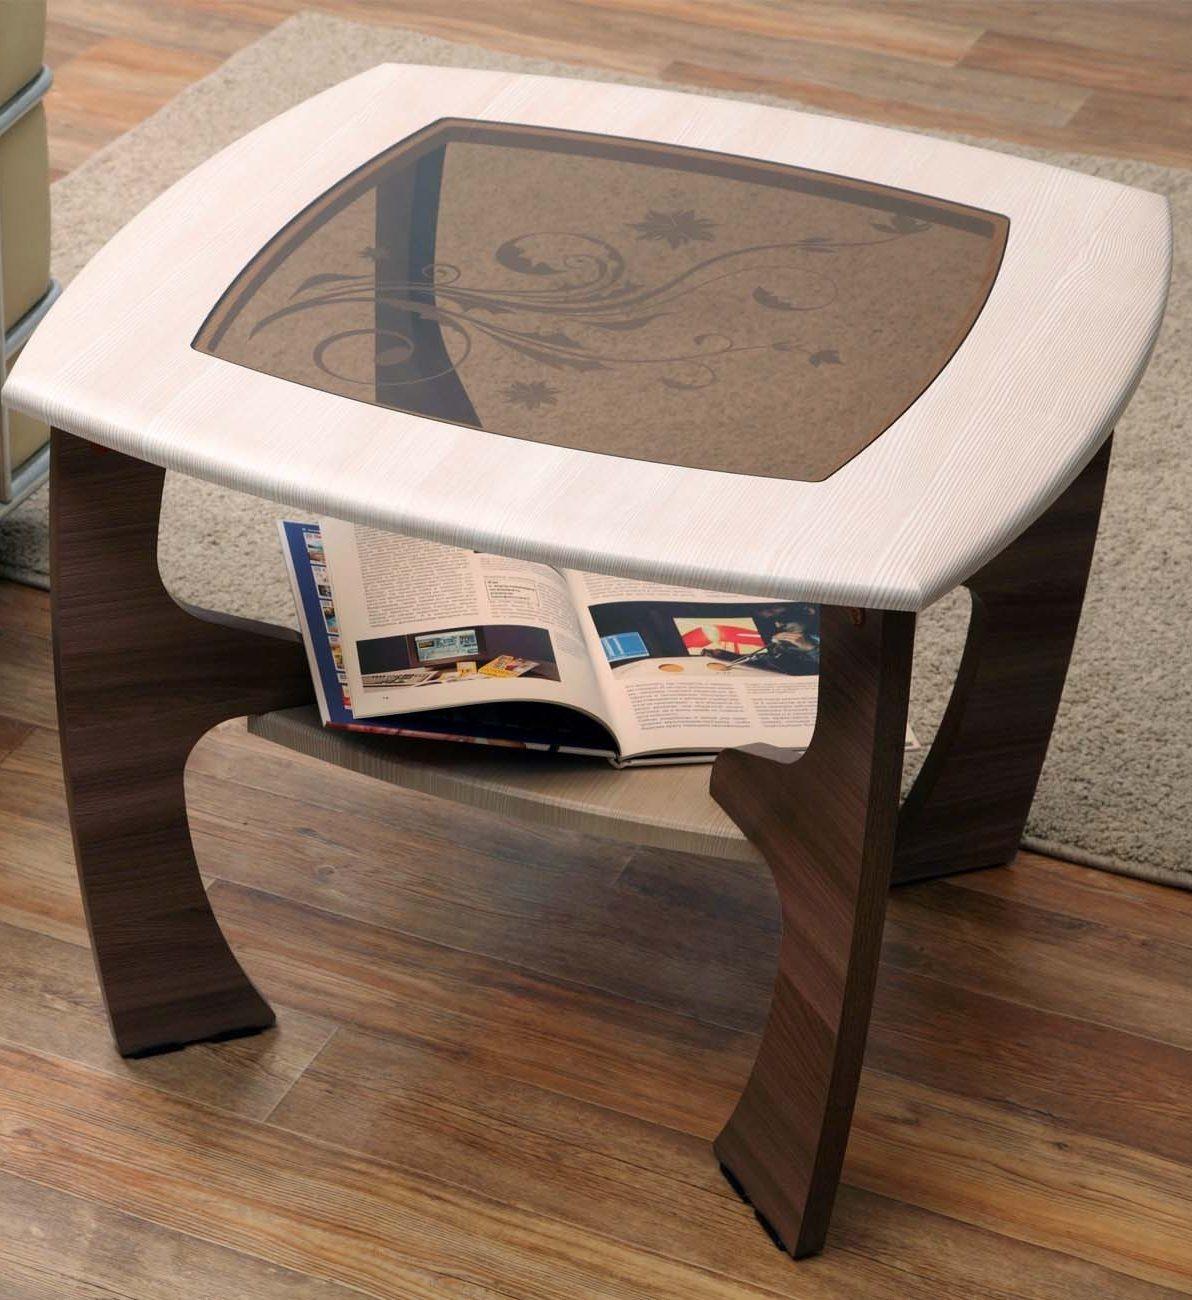 Журнальный стол Маджеста - 1 с пескоструемЖурнальные столики<br><br><br>Длина мм: 700<br>Высота мм: 522<br>Глубина мм: 700